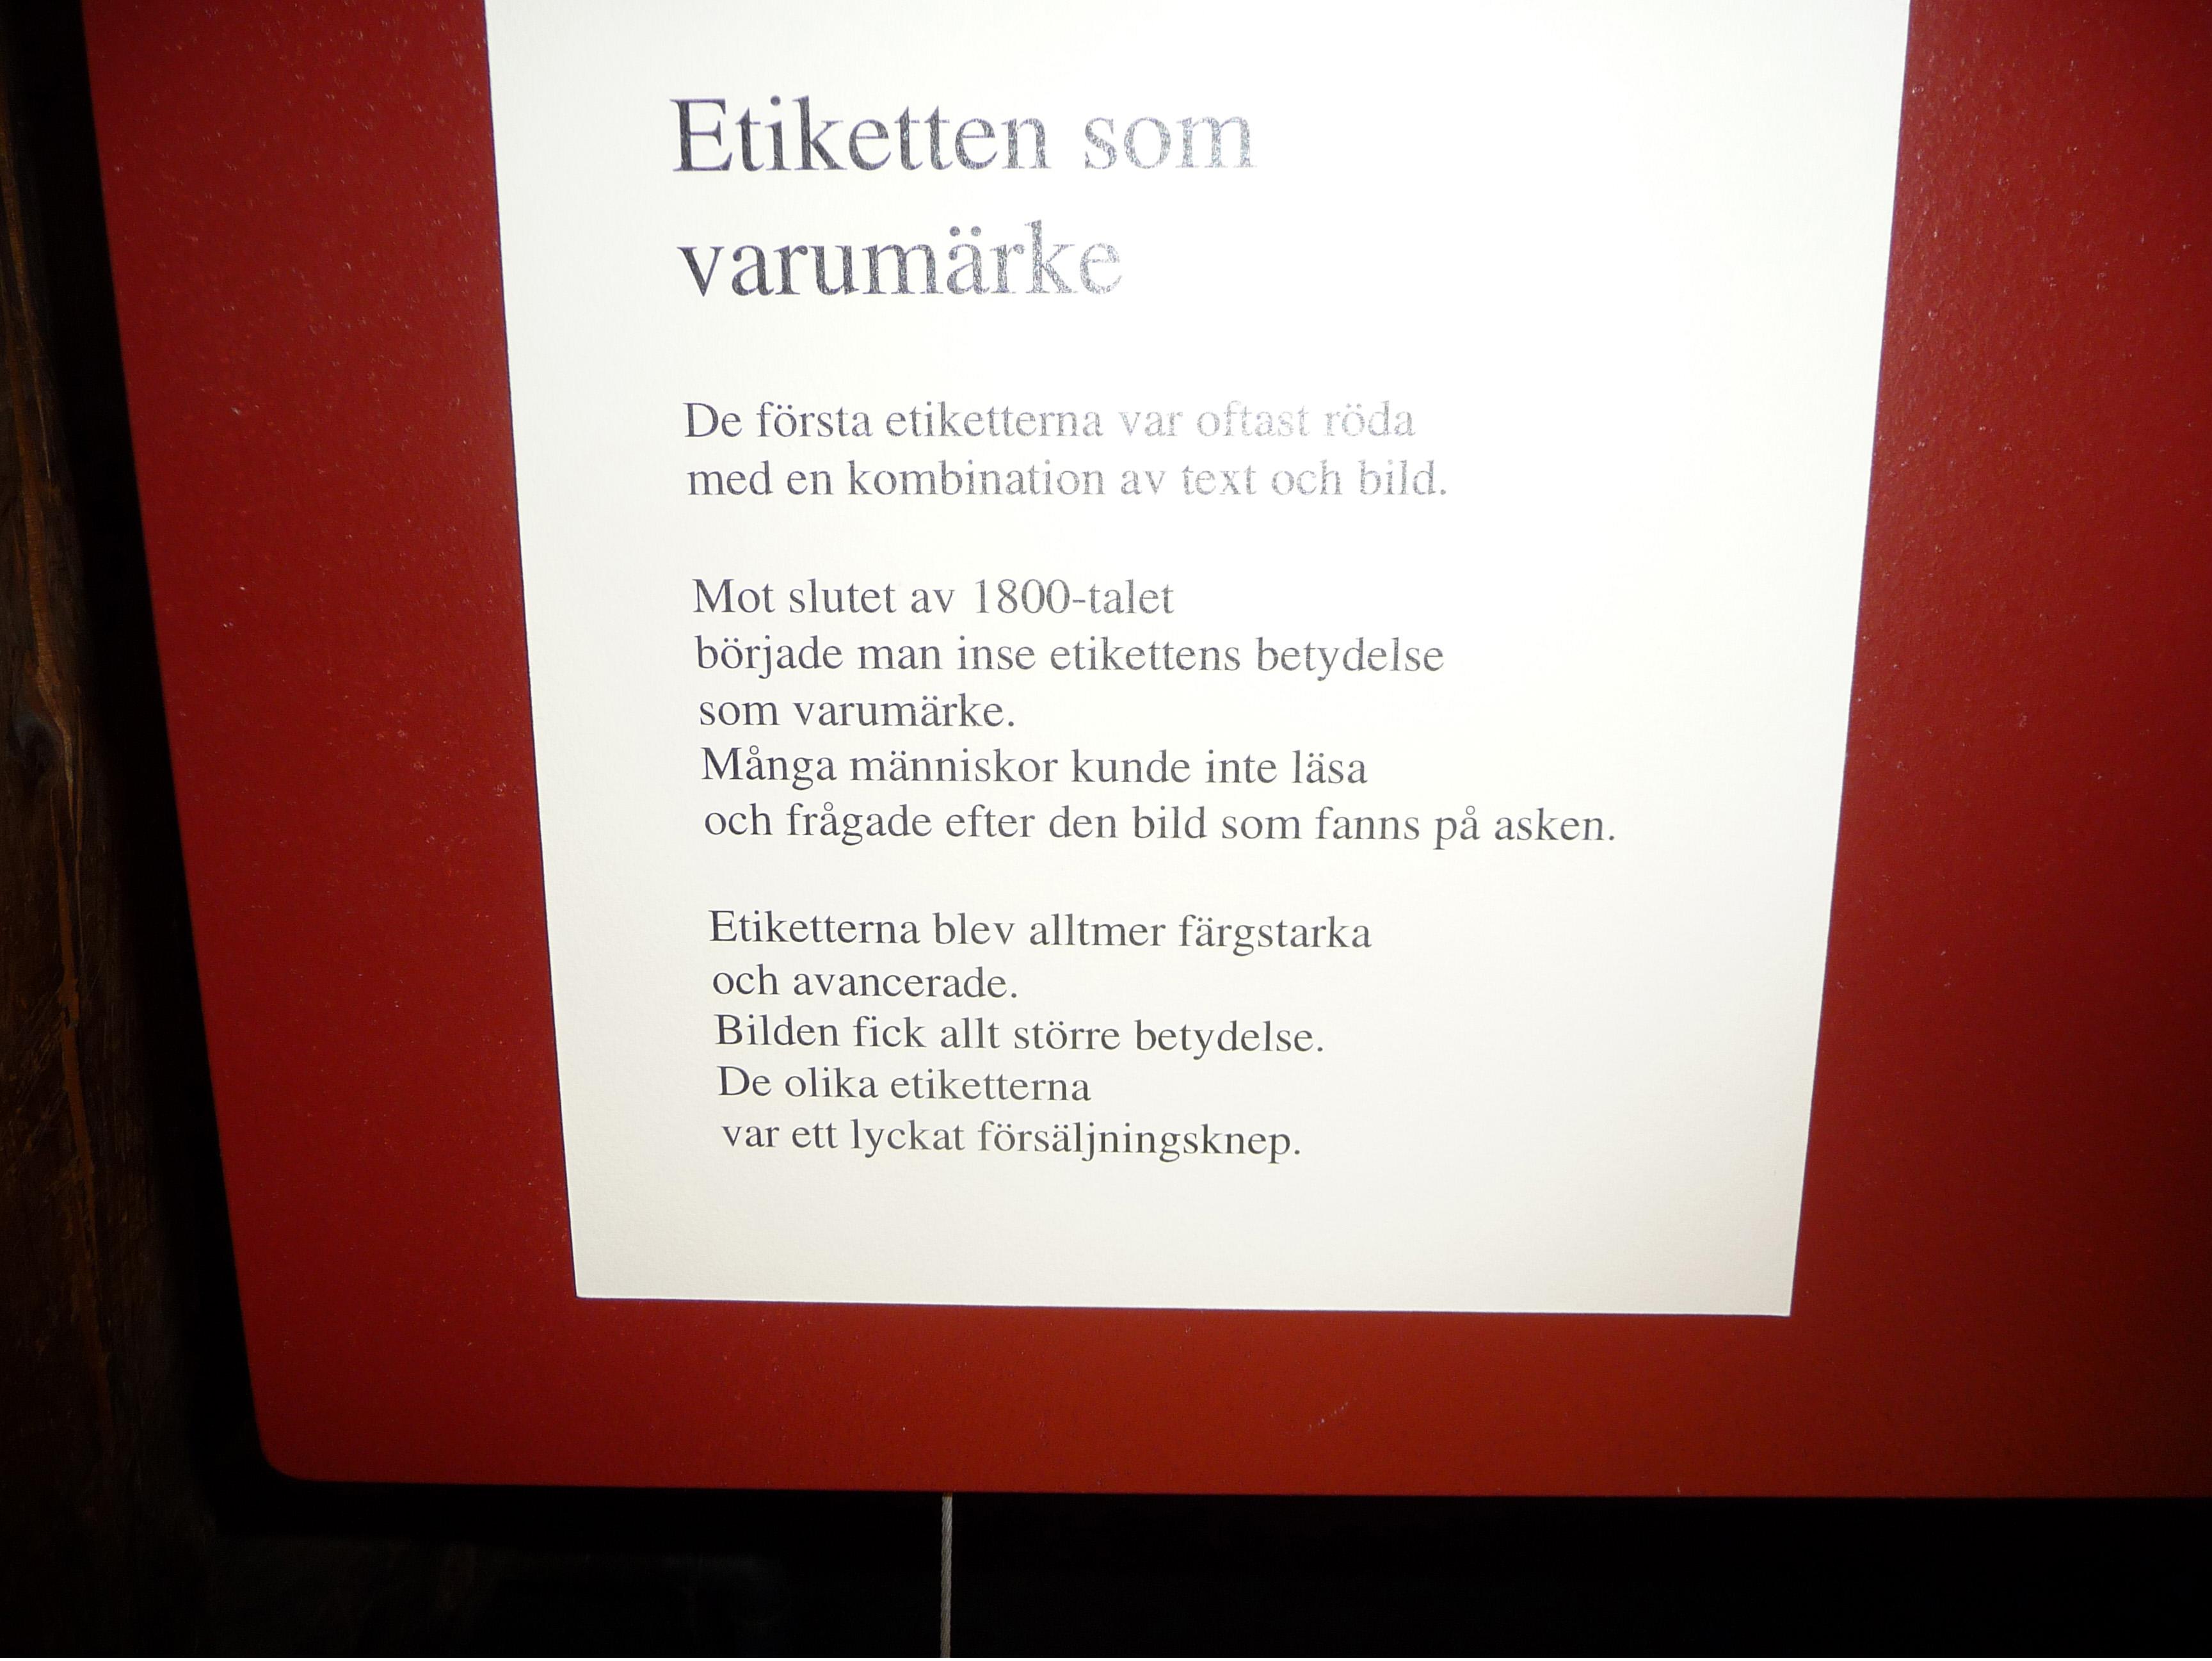 2011 Tändsticksmuseet i Jönköping - 10